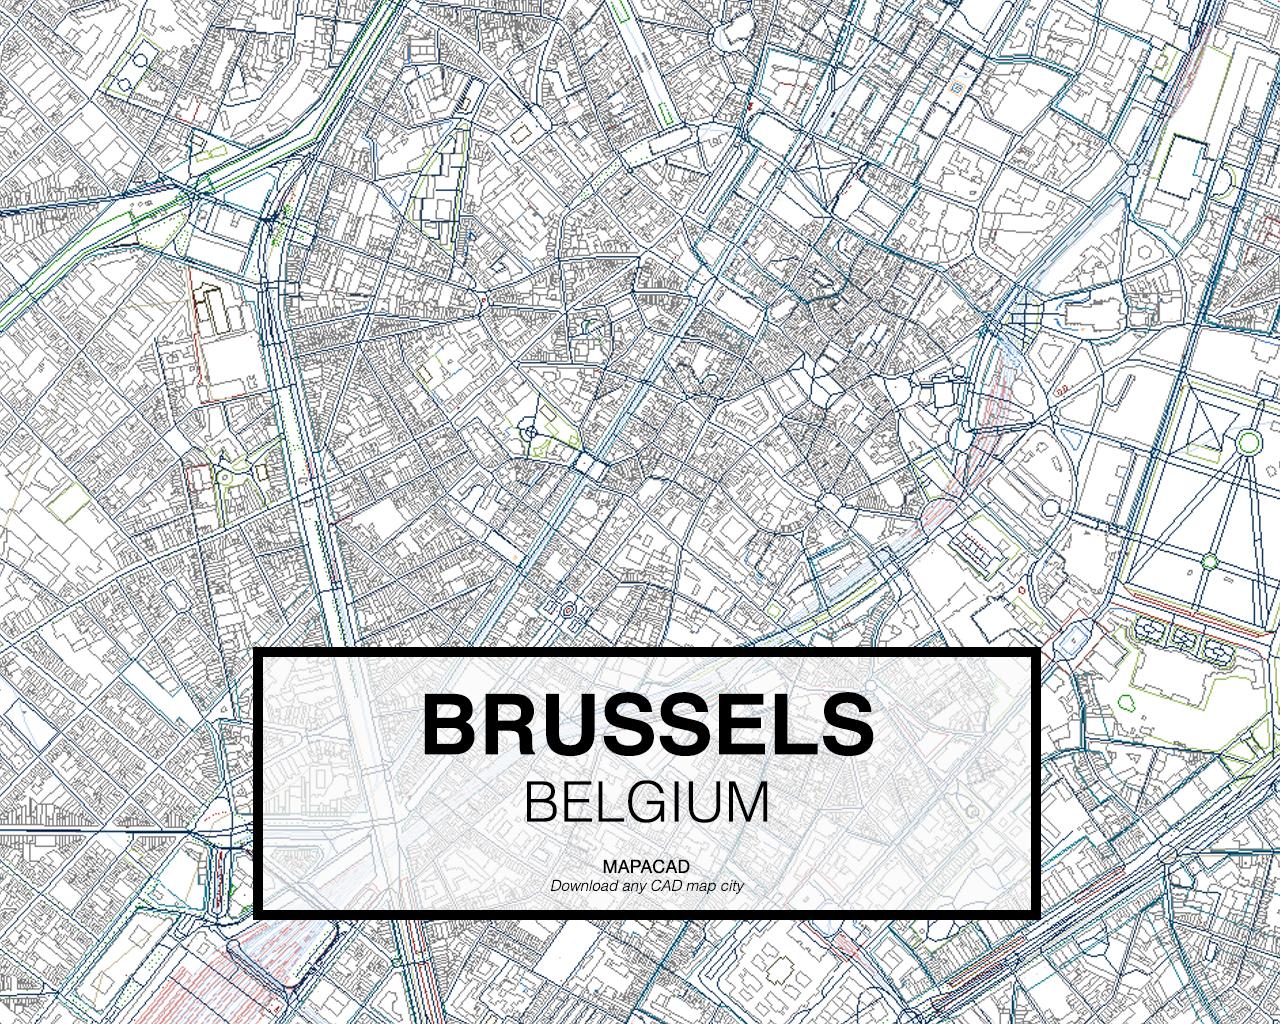 Brussels DWG Mapacad - Brussels belgium map